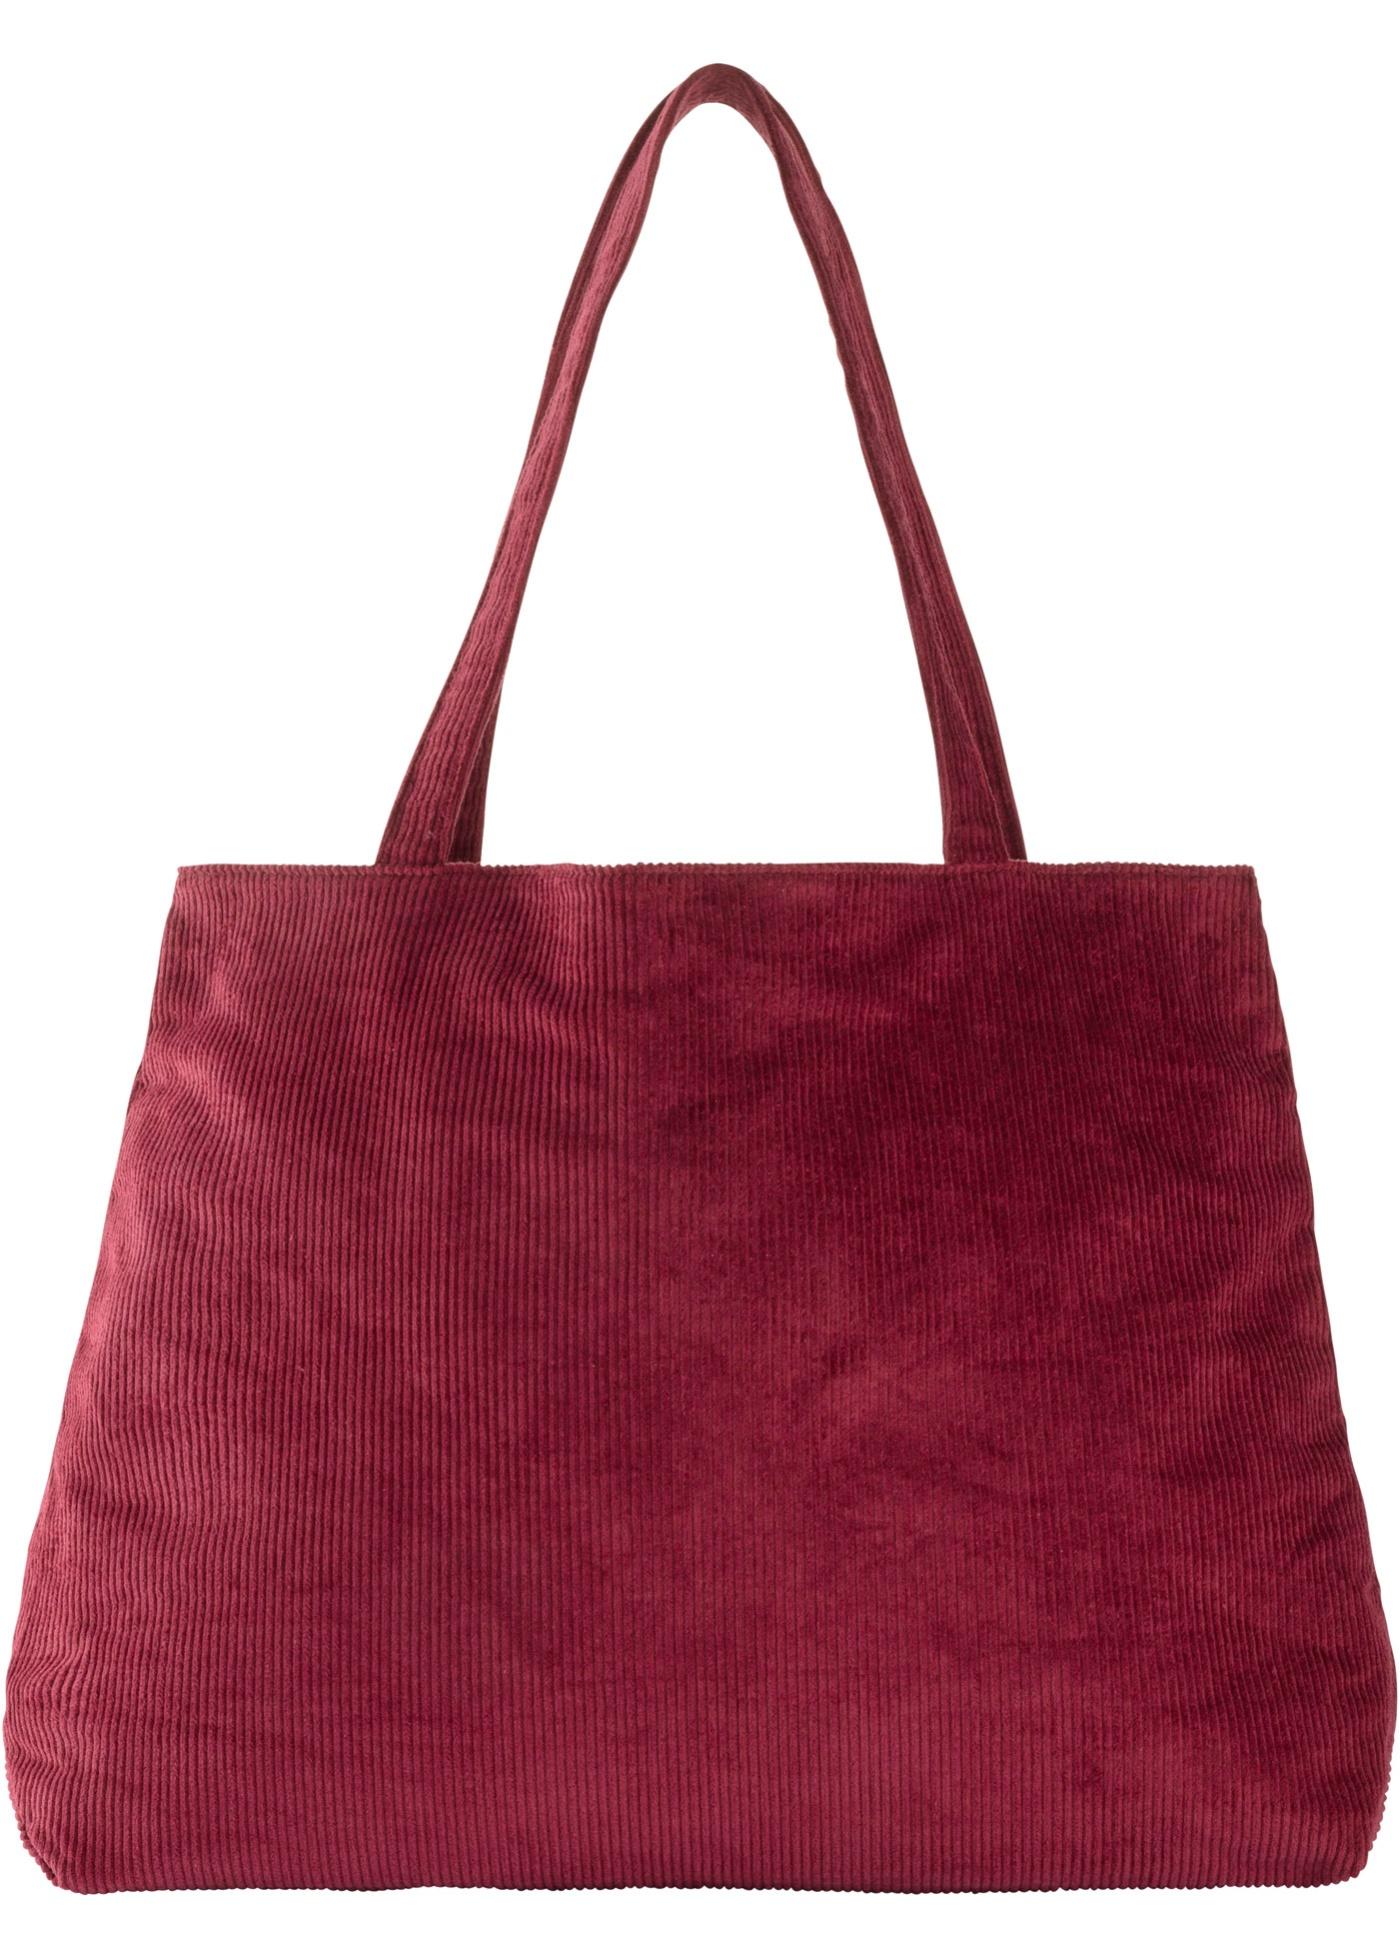 Velká kabelka - Červená